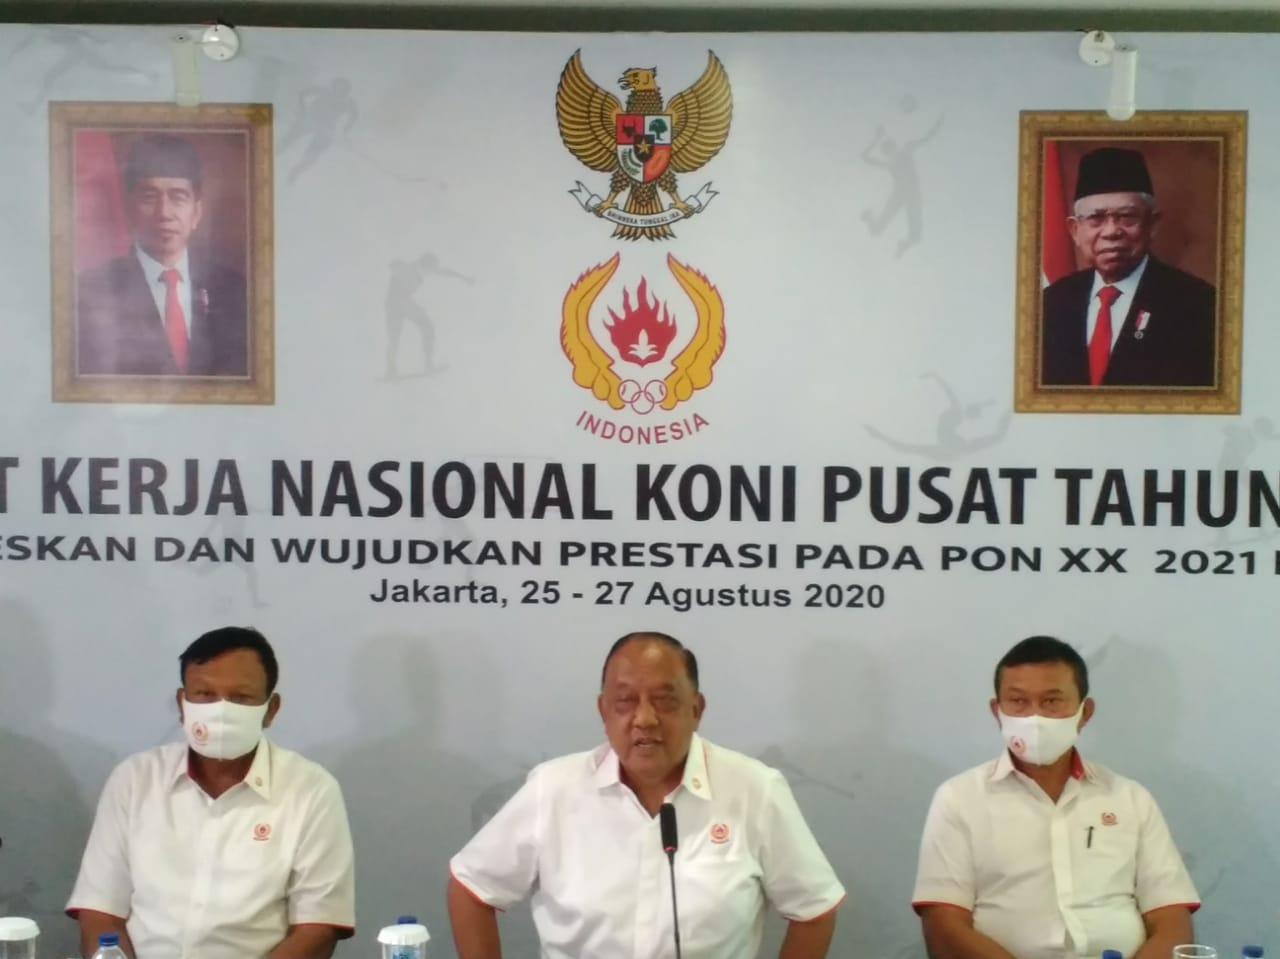 Ketua Umum Komite Olahraga Nasional Indonesia (KONI) Pusat, Marciano Norman (tengah), memberikan keterangan wartawan penutupan Rapat Kerja Nasional (Rakernas) KONI 2020. (dk)